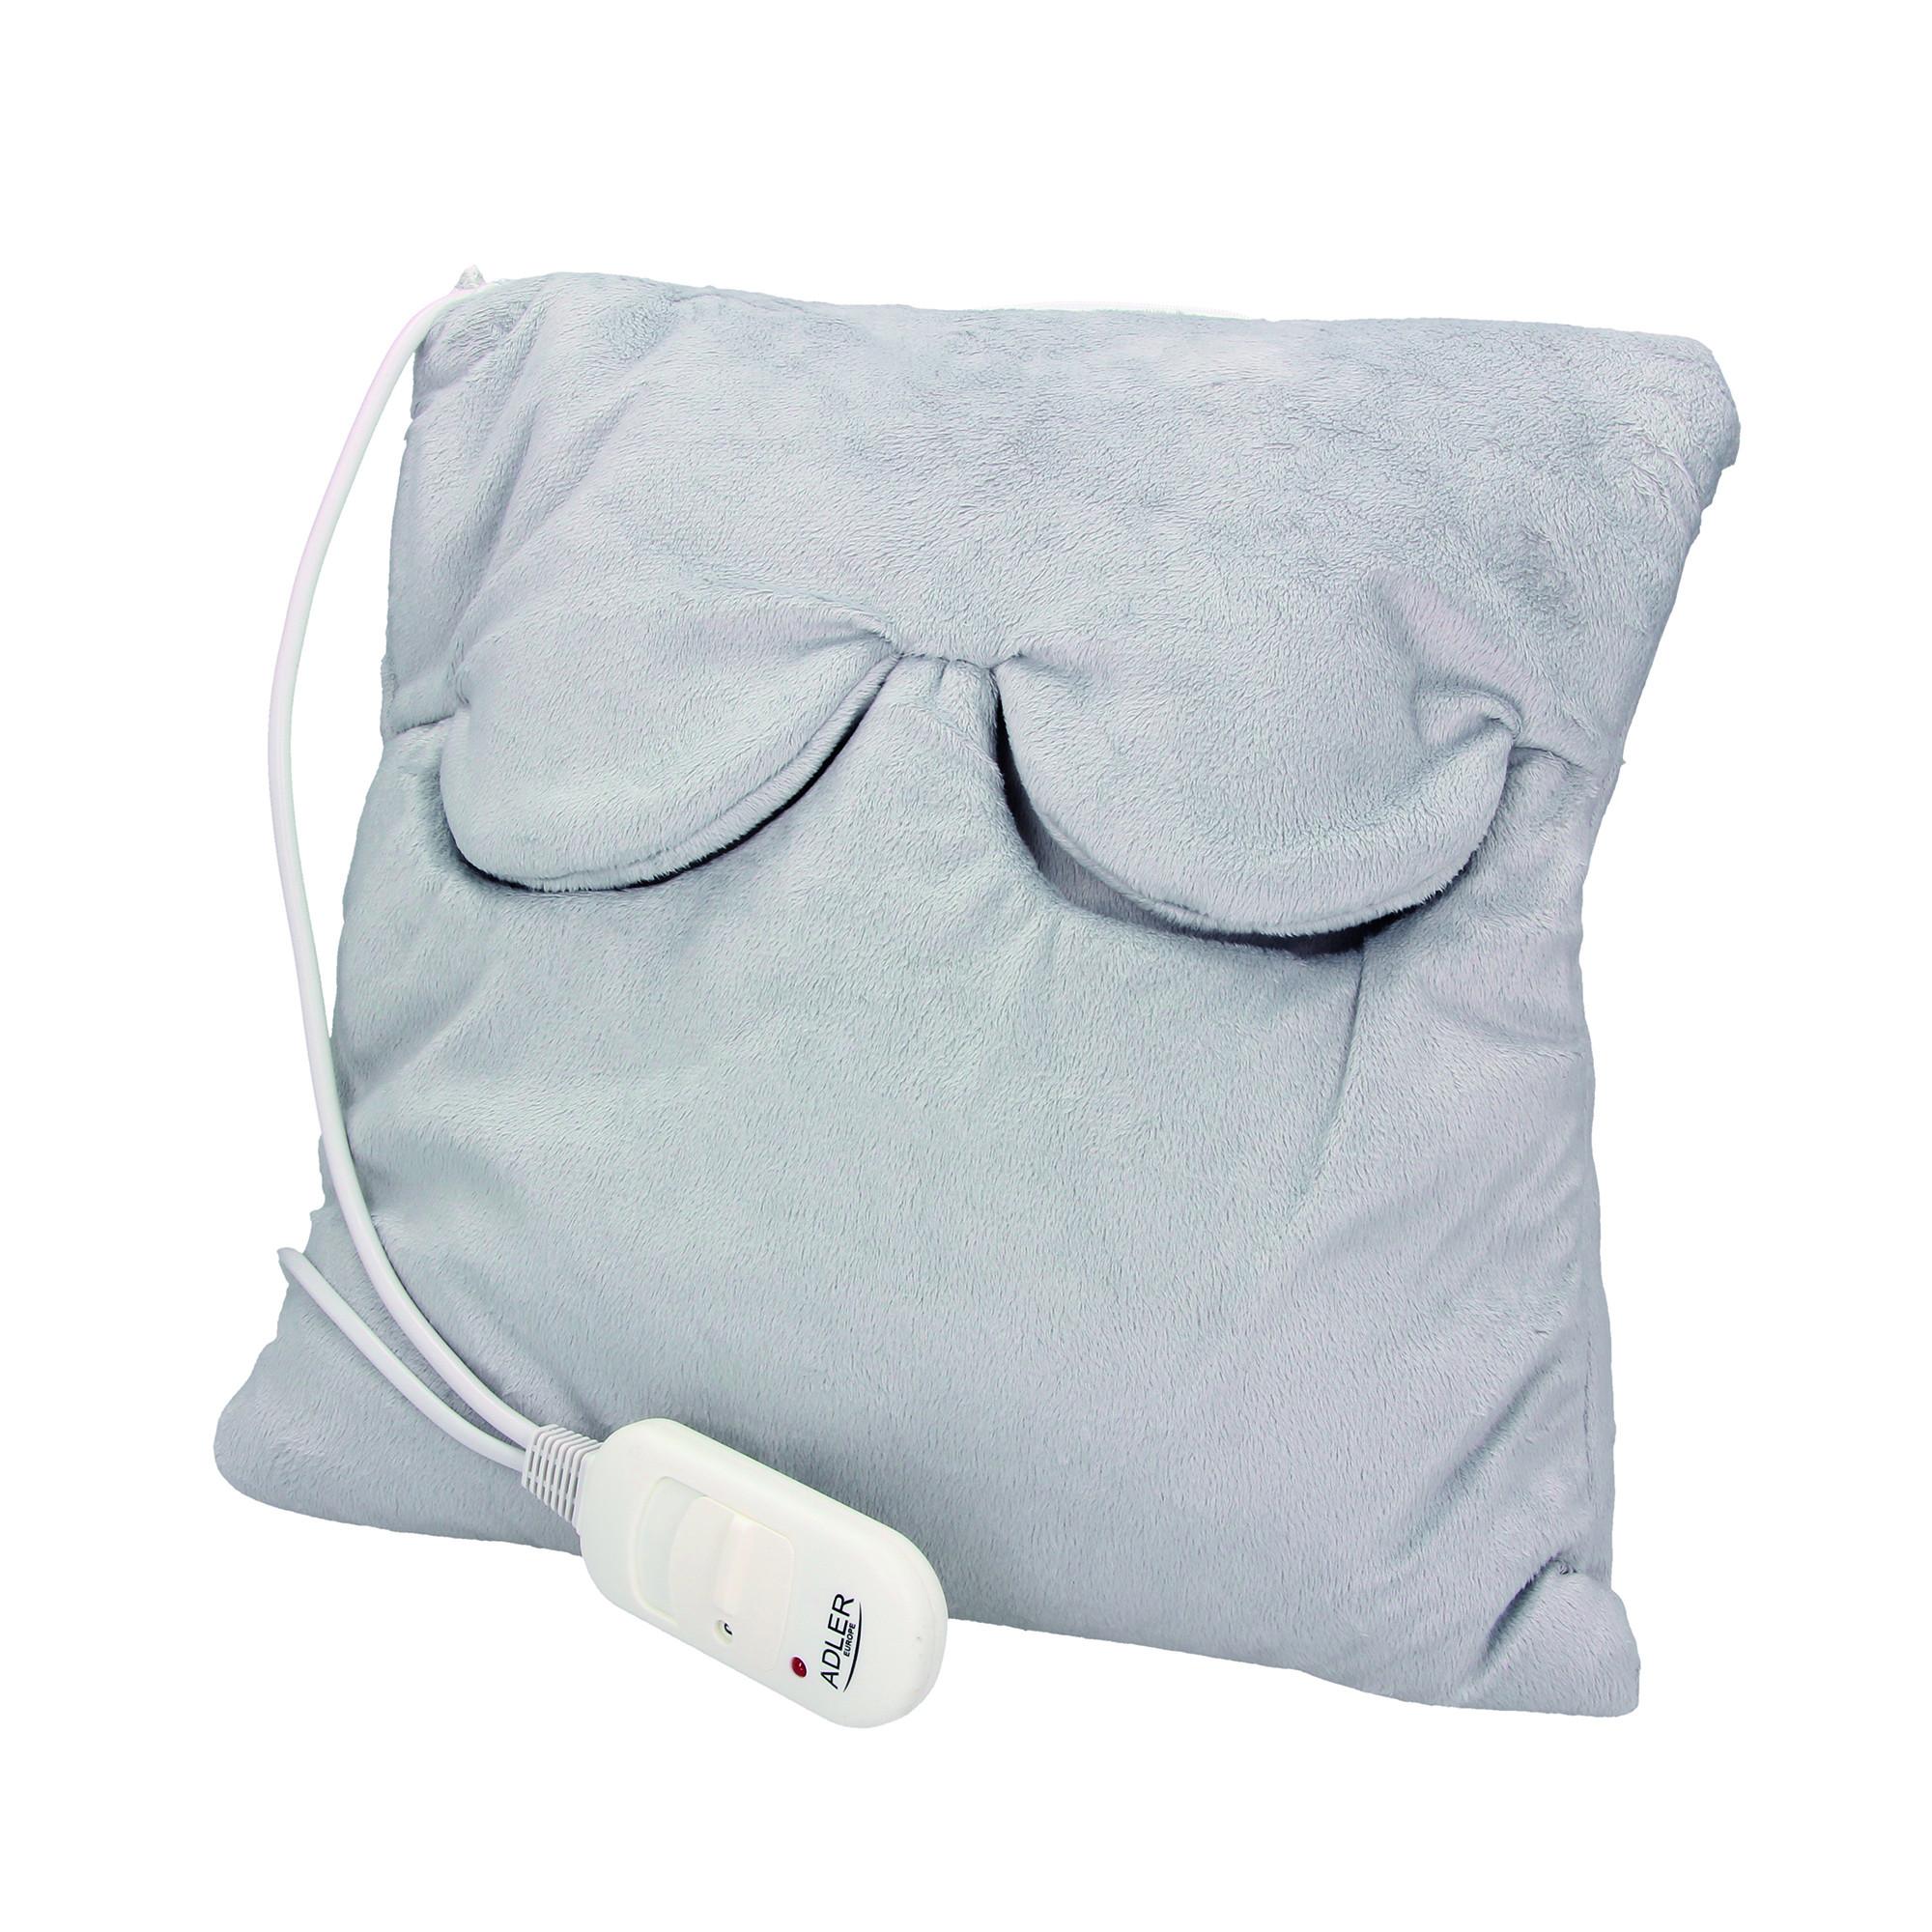 ADLER AD7403 Cojín de Calor Eléctrico para Cervicales, Cuello, Espalda, Lumbar, Control de Temperatura con Mando, Lavable, 38 x 38 cm, 80W